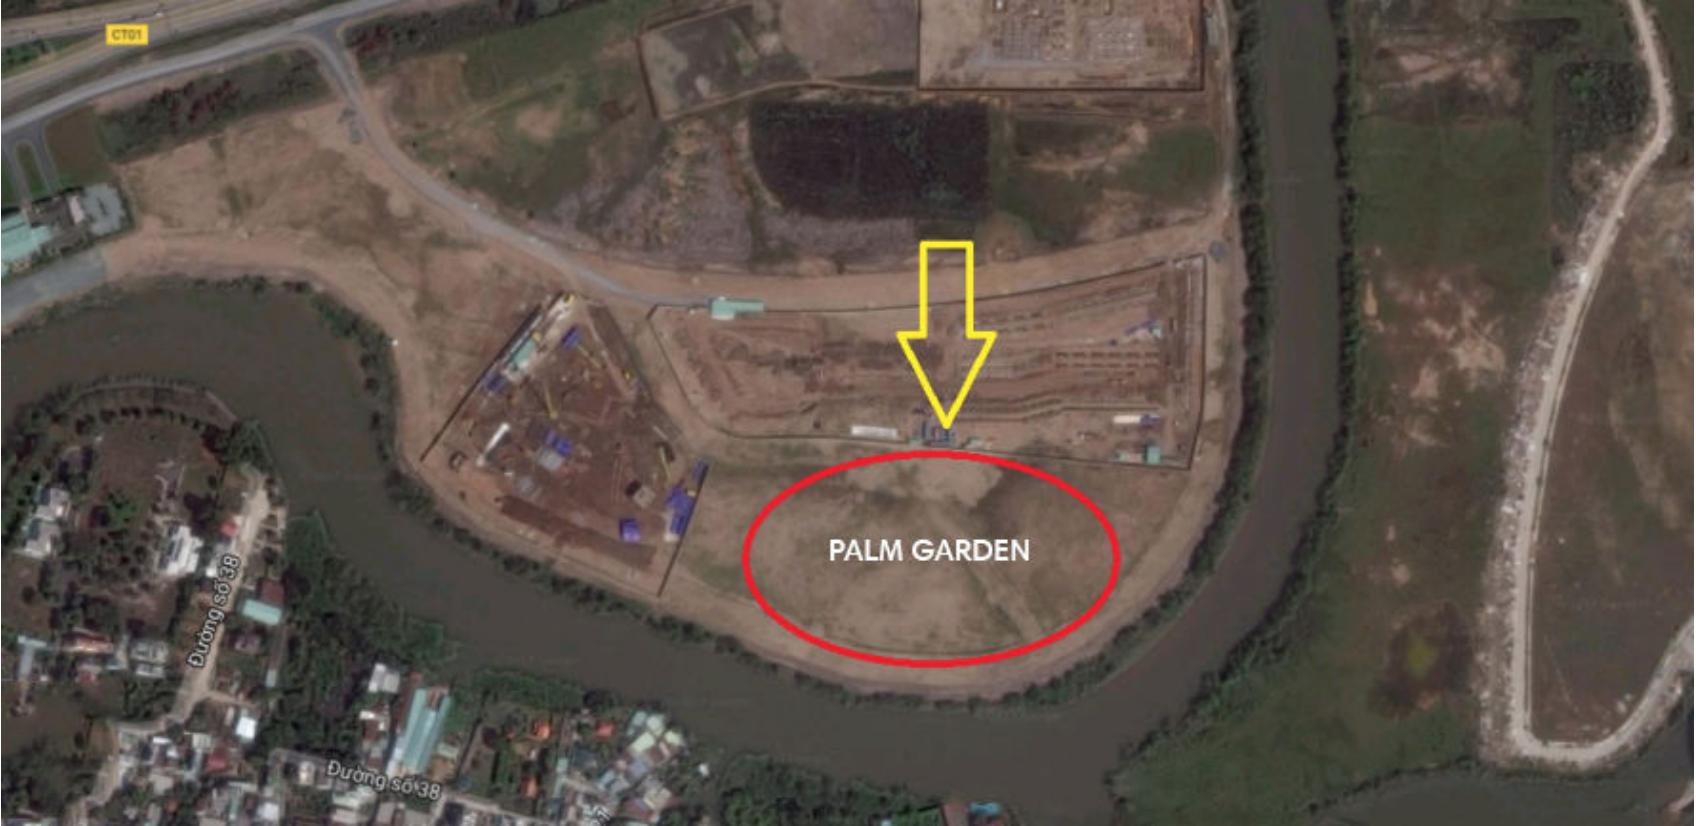 Palm Garden Keppel Land có gì hấp dẫn mà khiến bao người phải đợi